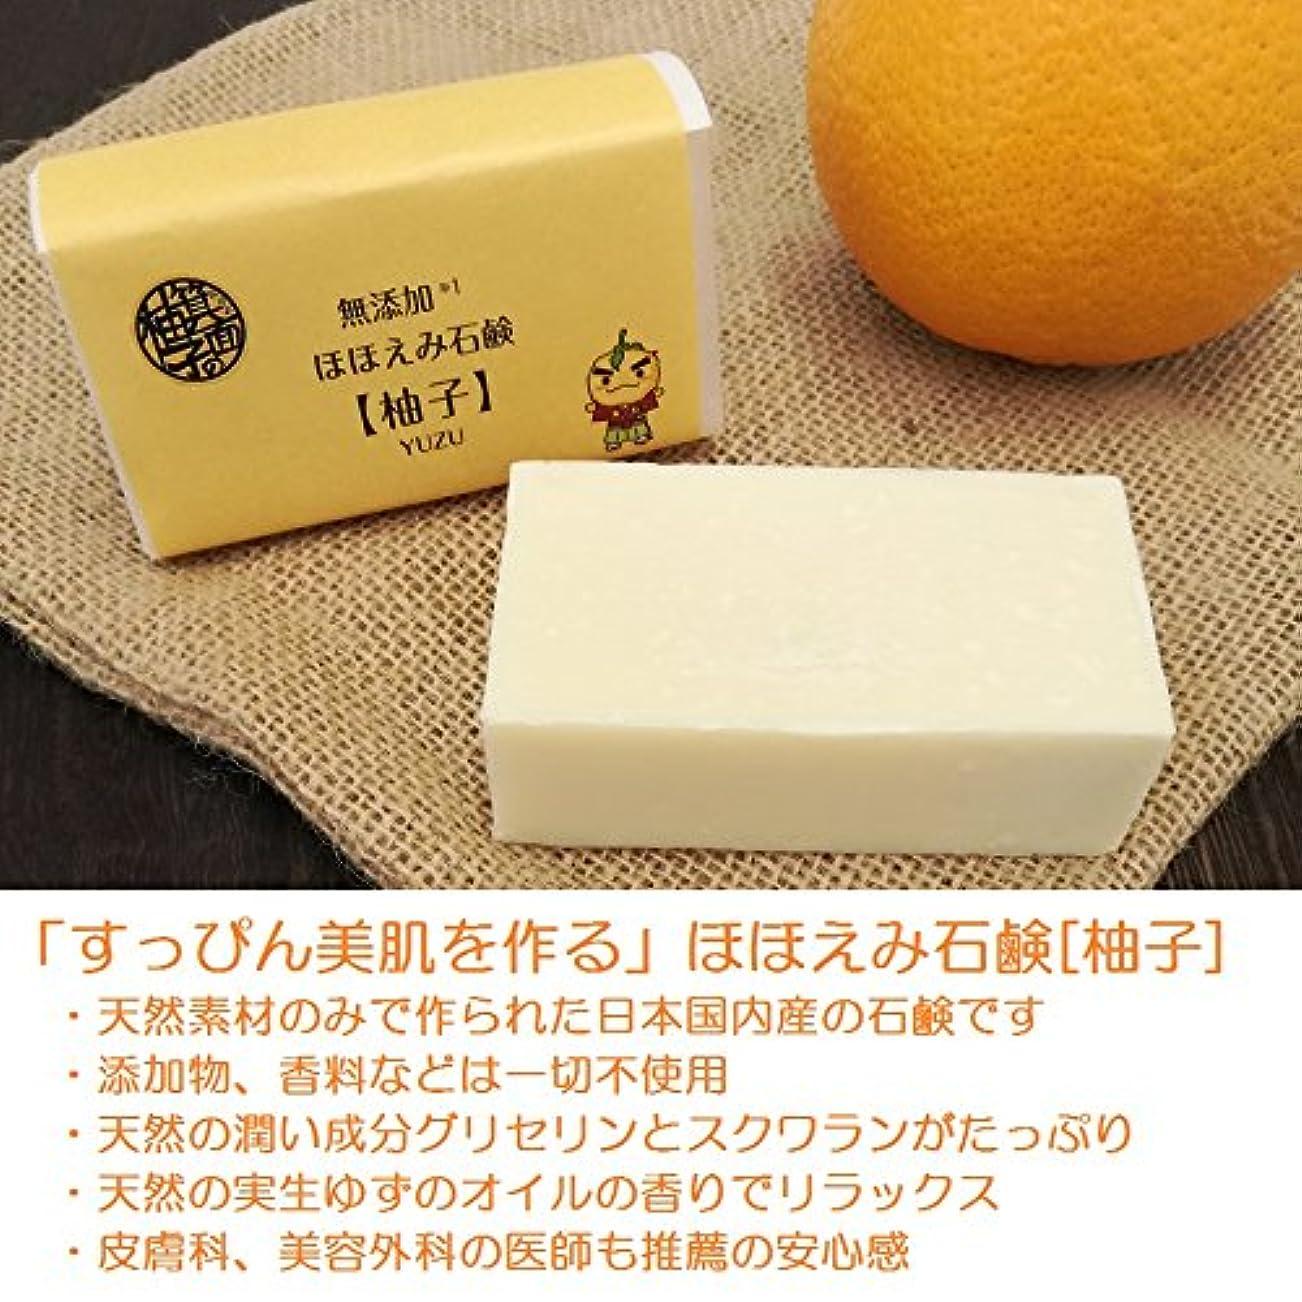 文字通り外部アイザックすっぴん美肌を作る ほほえみ石鹸 柚子 オリーブオイル 無添加 オーガニック 日本製 80g